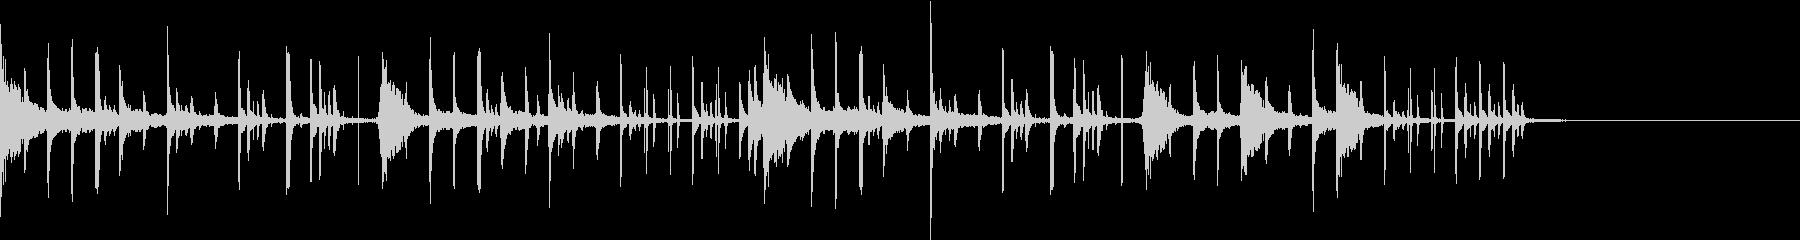 エレクトロニカなシンキングタイム音の未再生の波形